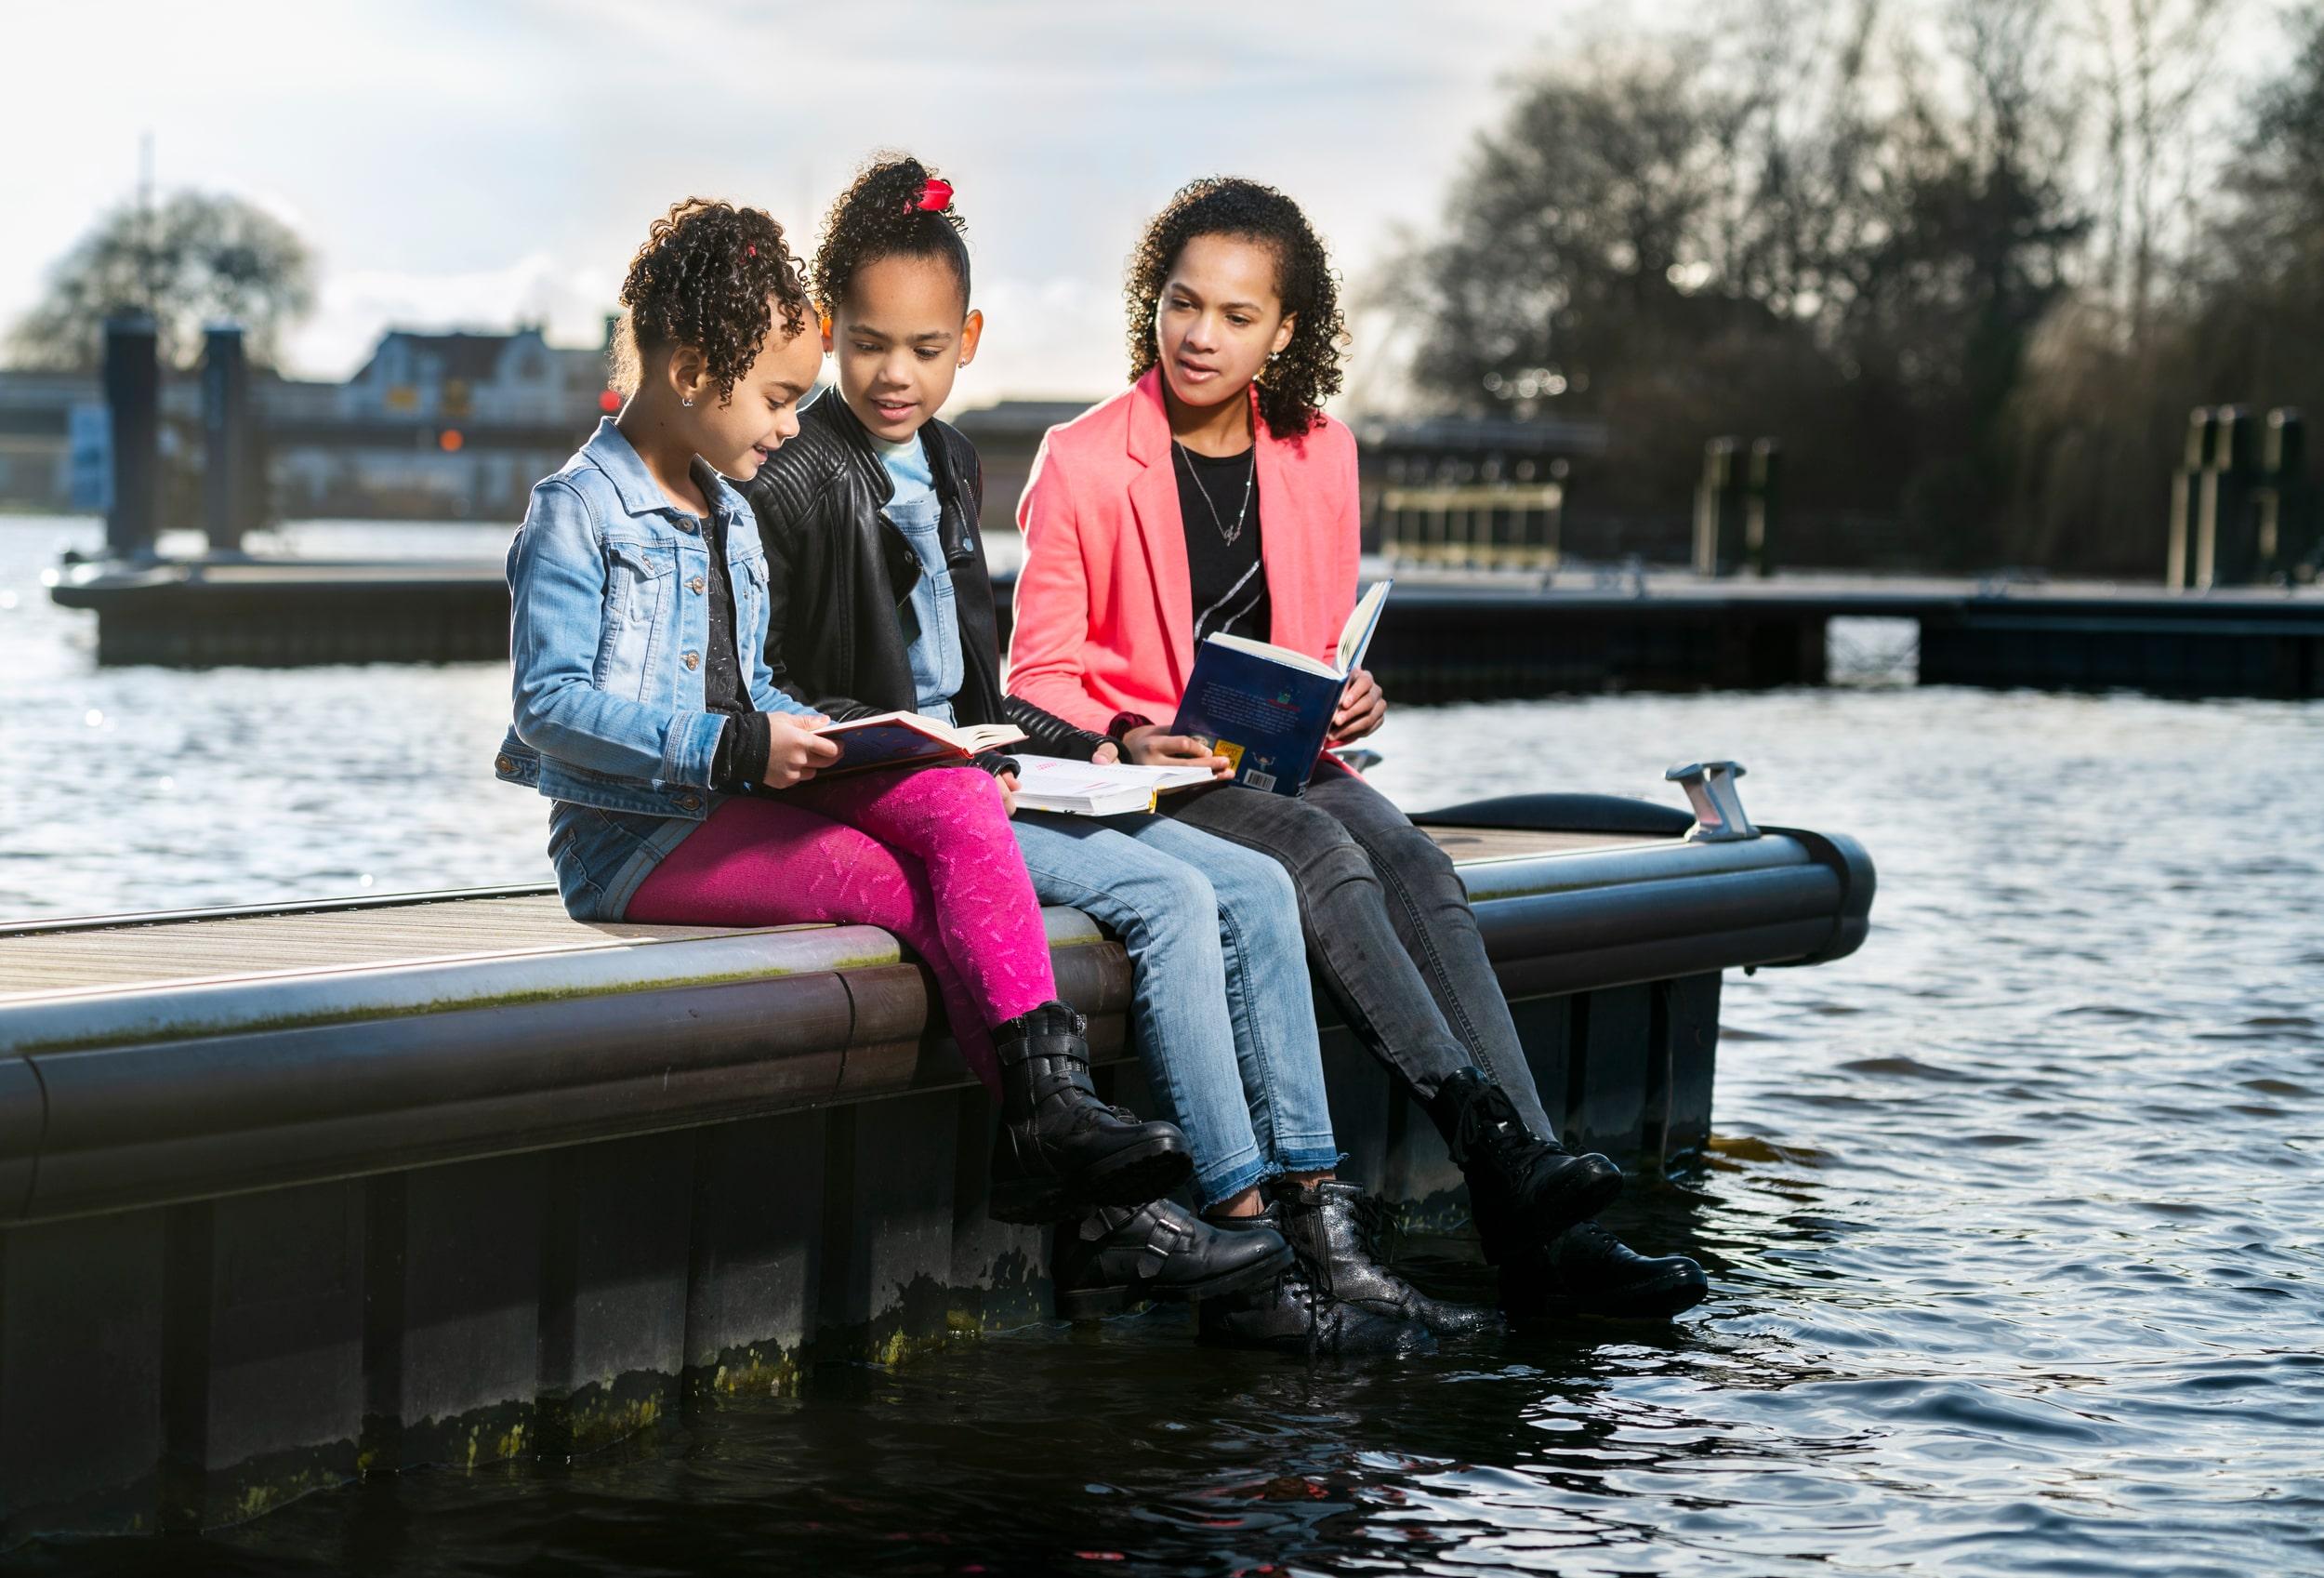 Kinderen lezen boeken in de haven van Uithoorn. Campagne fotografie voor de bibliotheek.